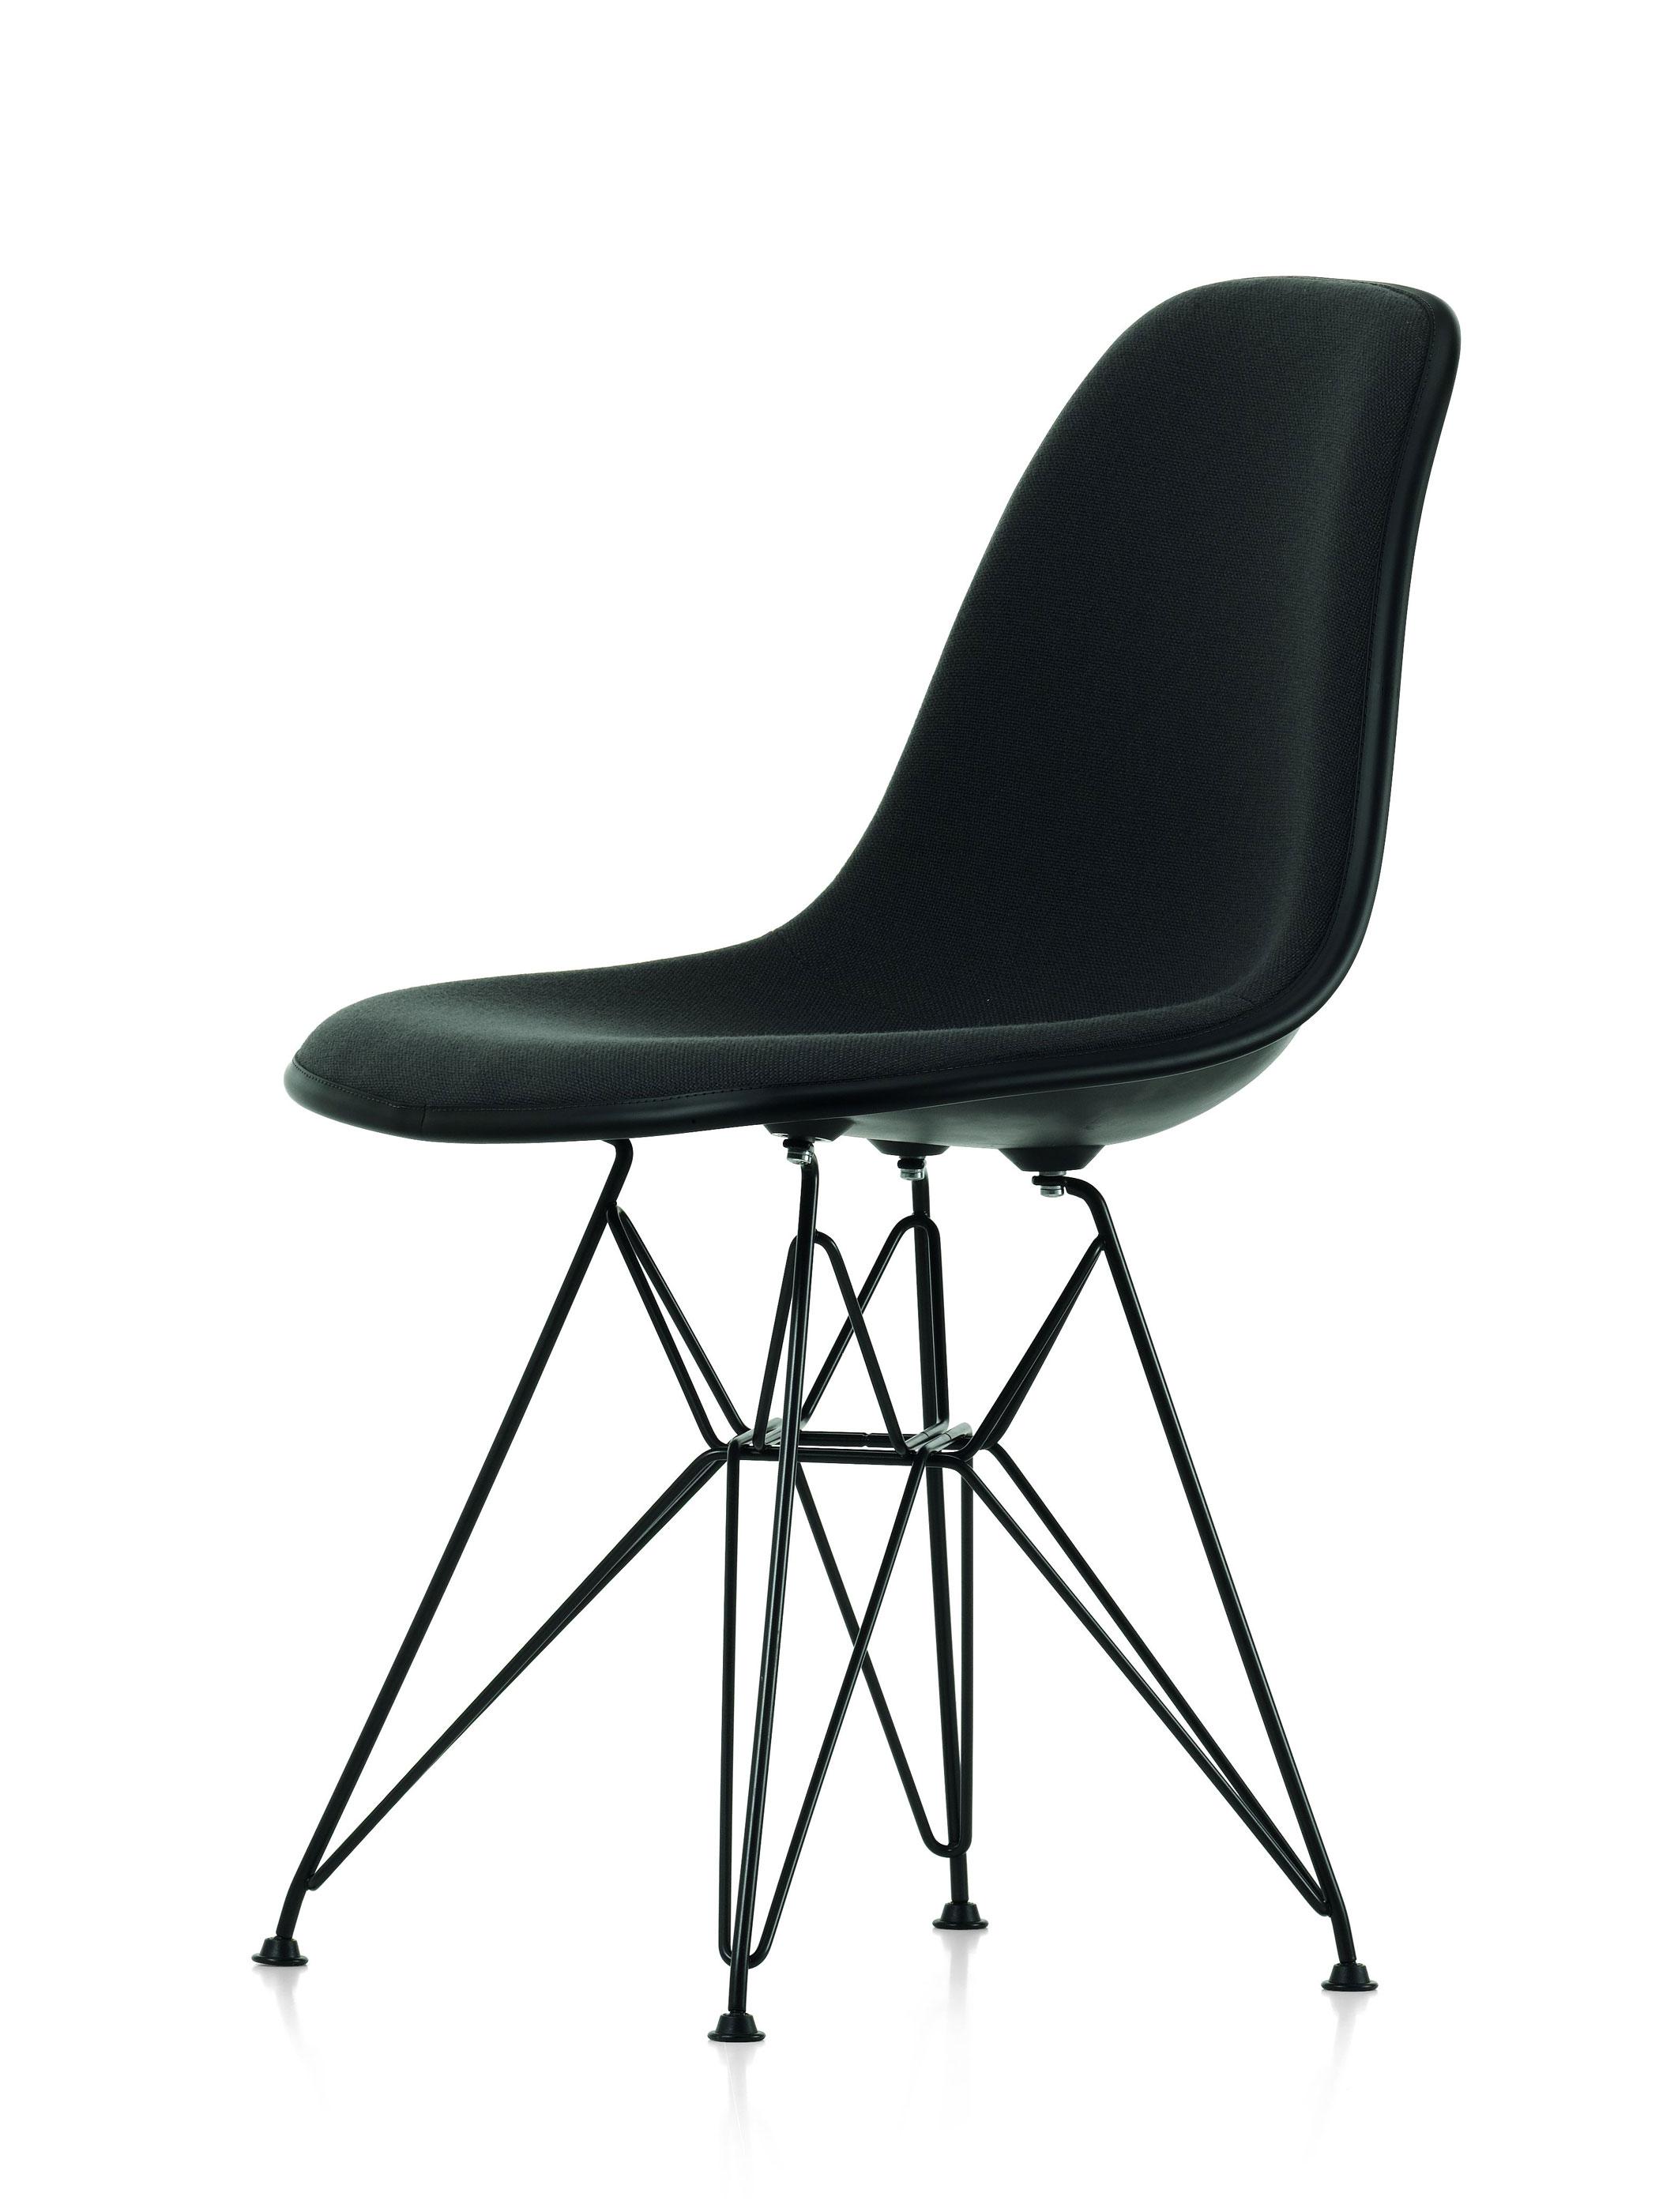 vitra eames plastic side chair dsr 440 152 43. Black Bedroom Furniture Sets. Home Design Ideas